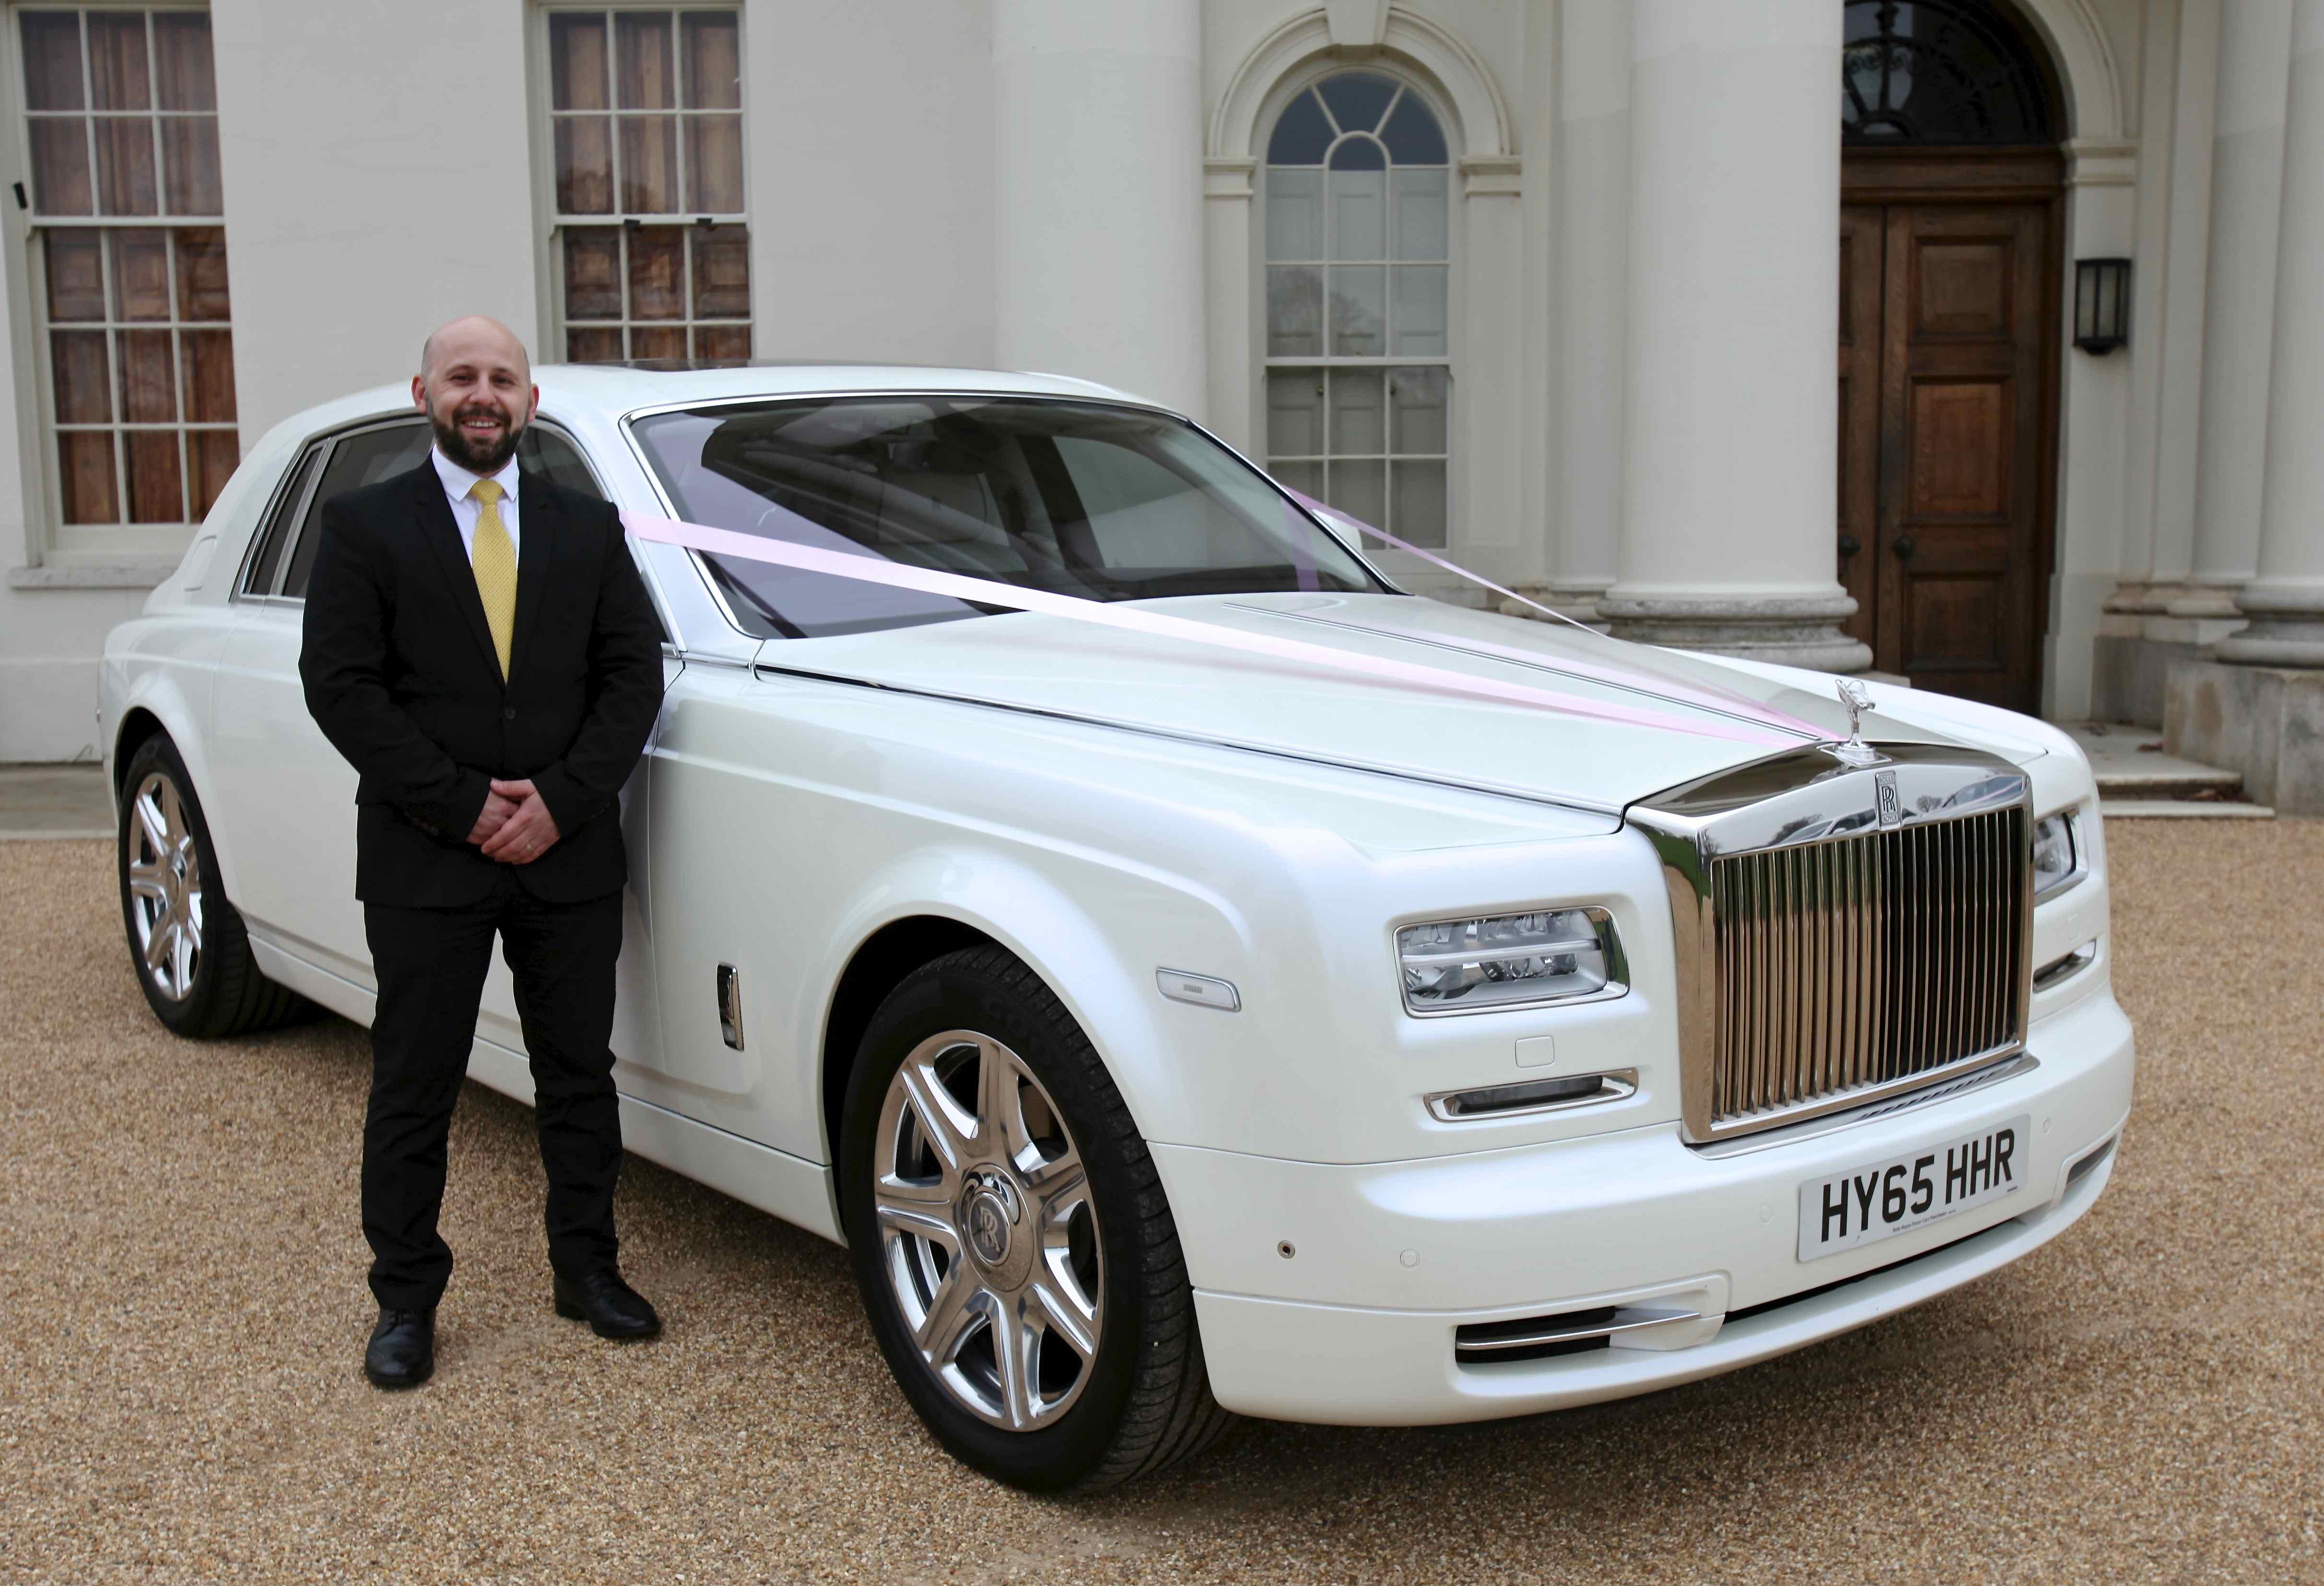 Dartford Wedding Car Hire